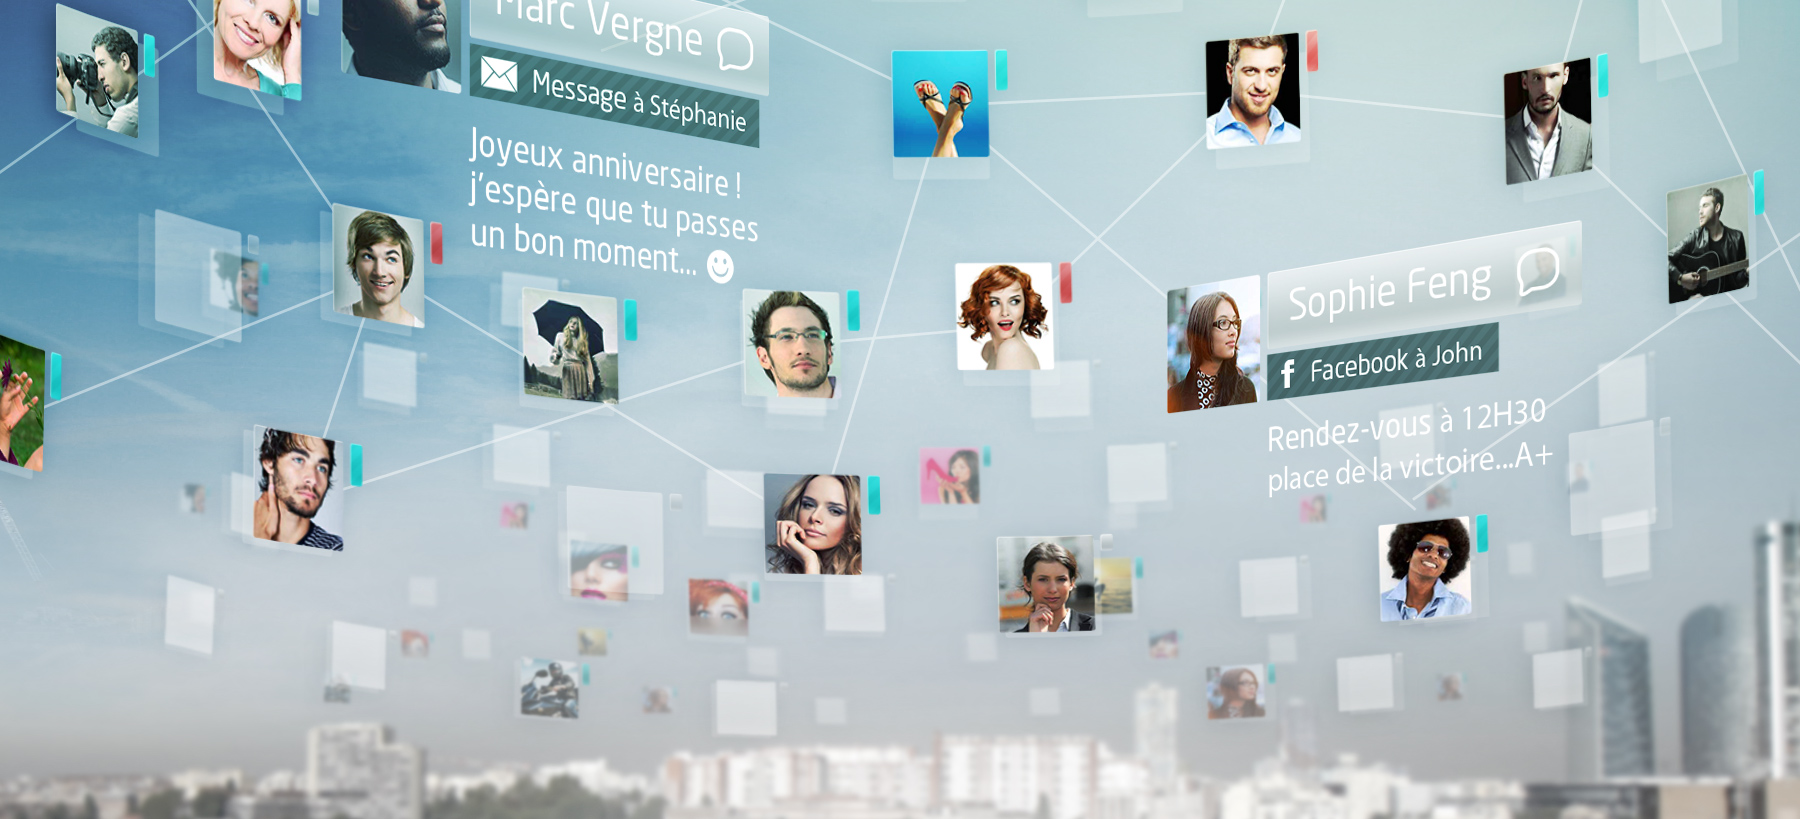 Directeur artistique freelance Portfolio Paris - BNP Change it